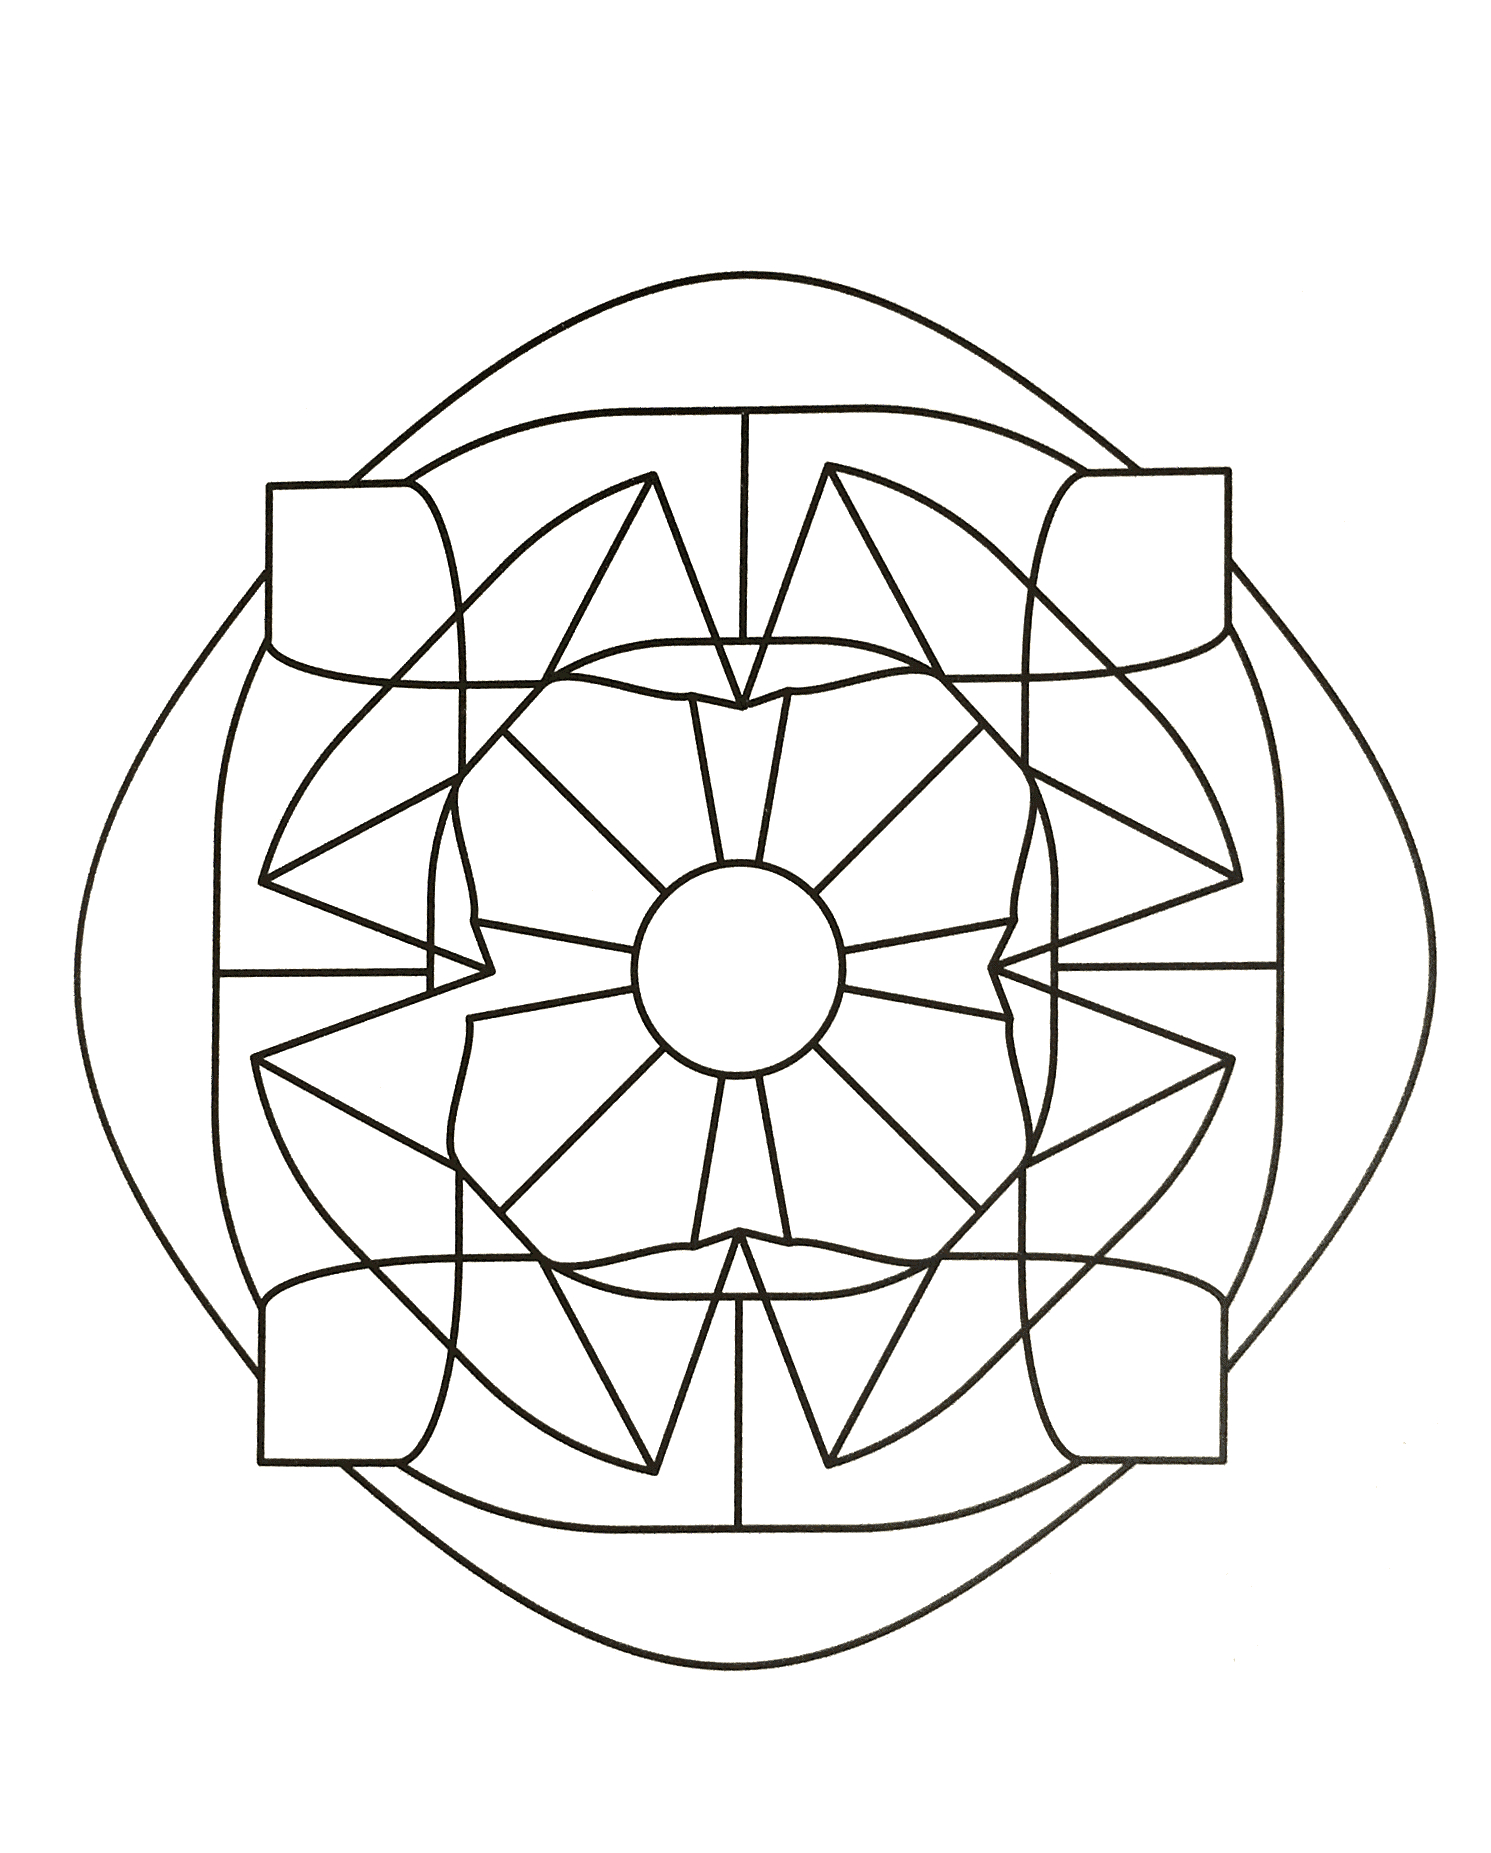 Mandalas A Imprimer Gratuit 43 - Mandalas De Difficulté dedans Dessin Symétrique A Imprimer